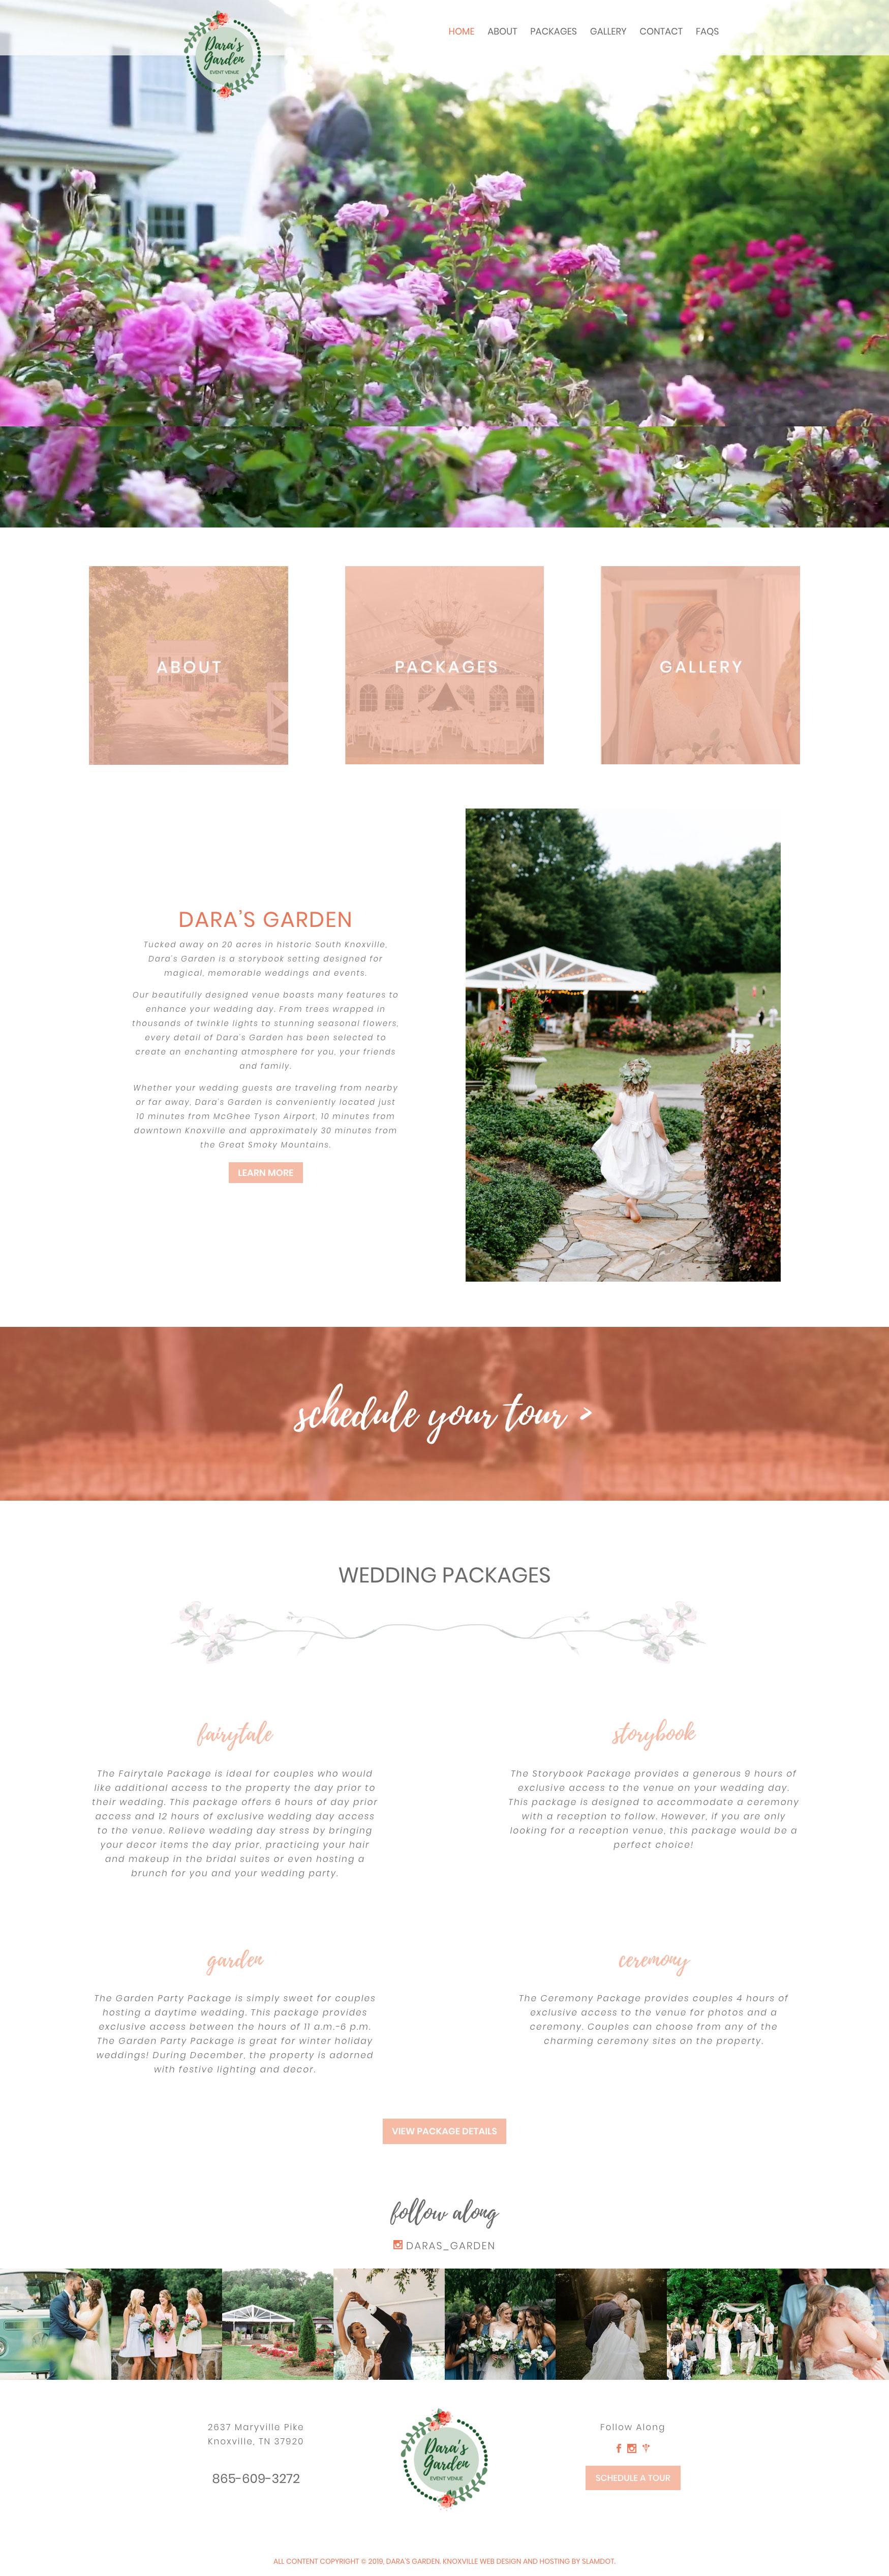 Dara's Garden